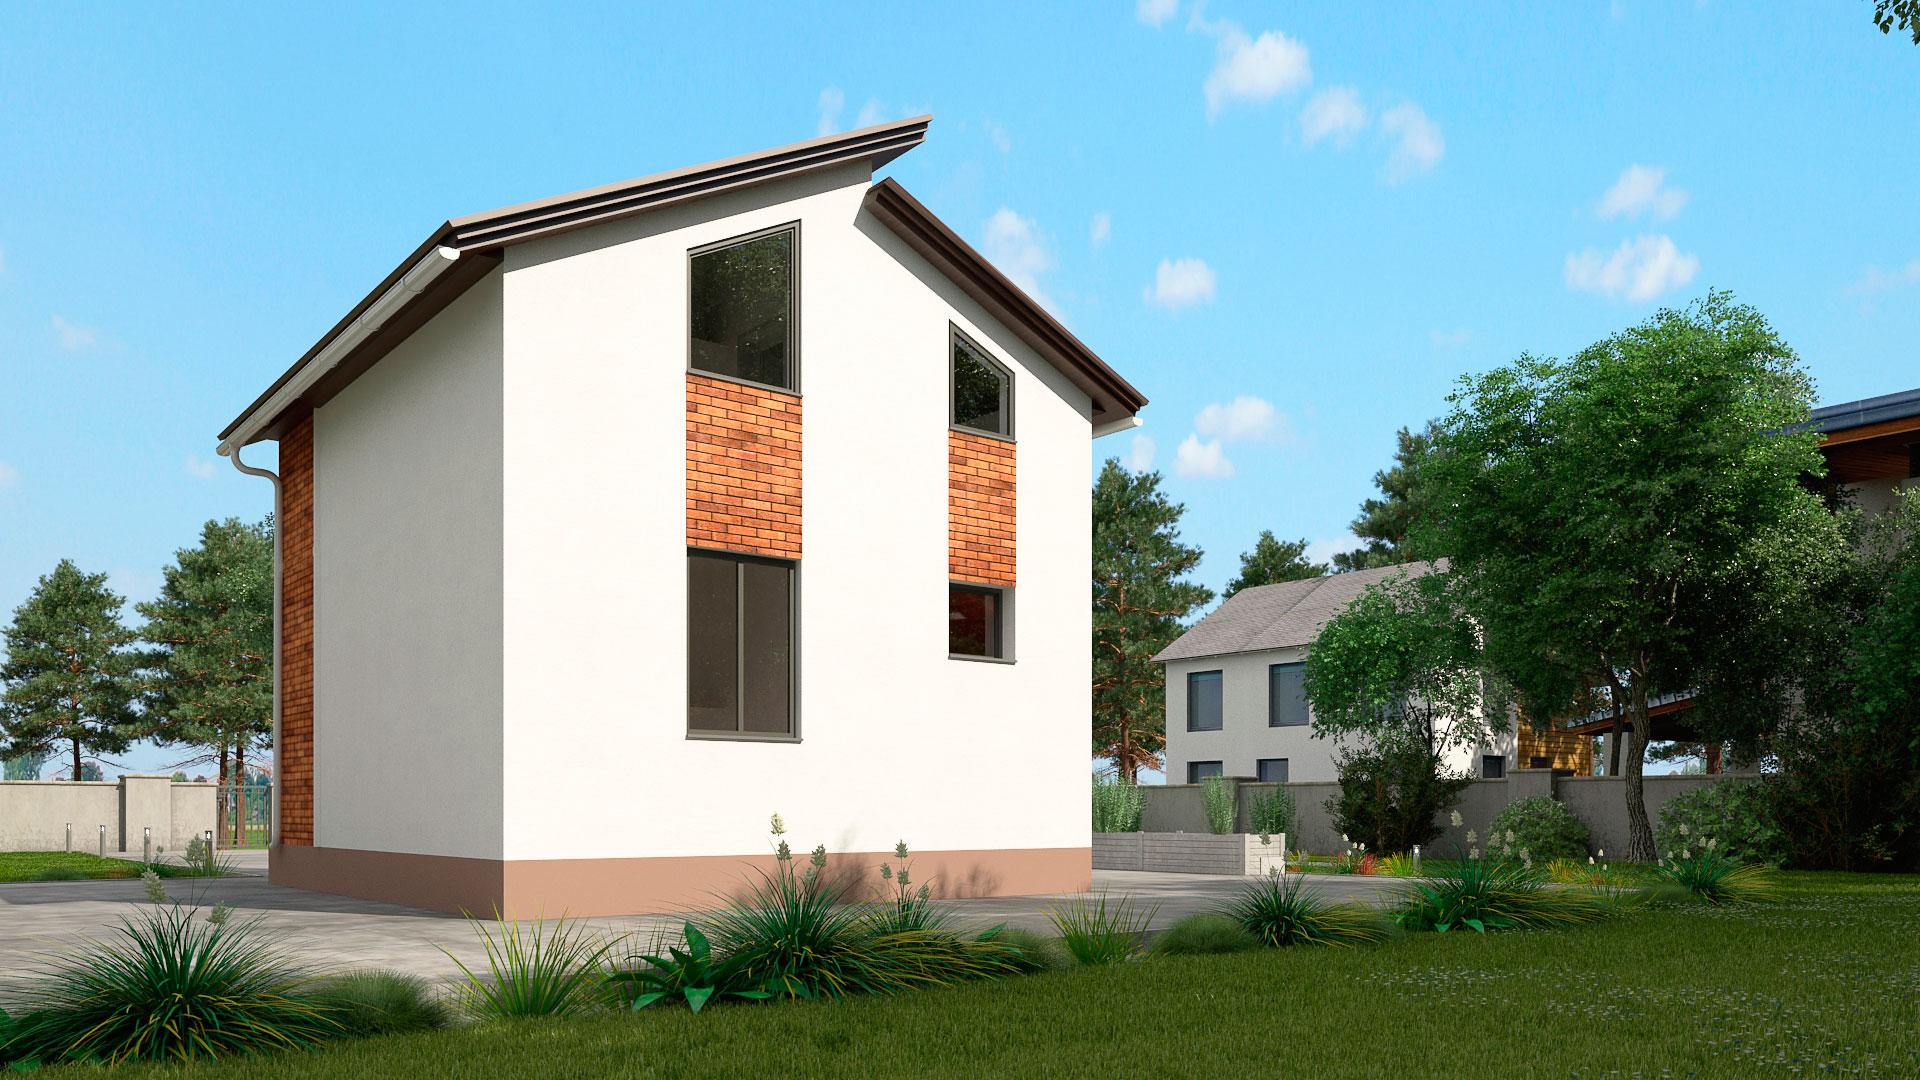 Задний фасад двухэтажного загородного дома с двумя спальнями и балконом, проект БЭНПАН МС-95.